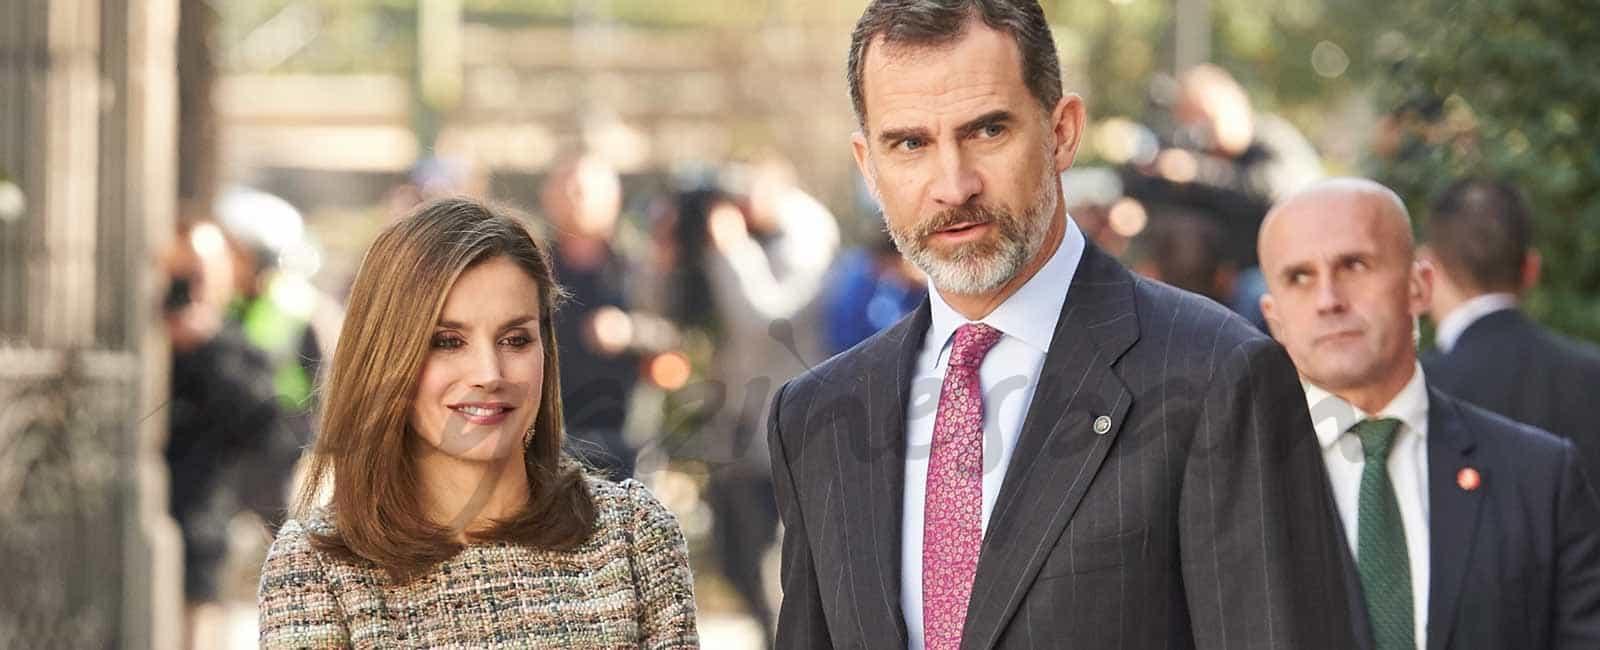 Los Reyes continúan con su agenda, mientras la infanta Cristina es absuelta del caso Nóos